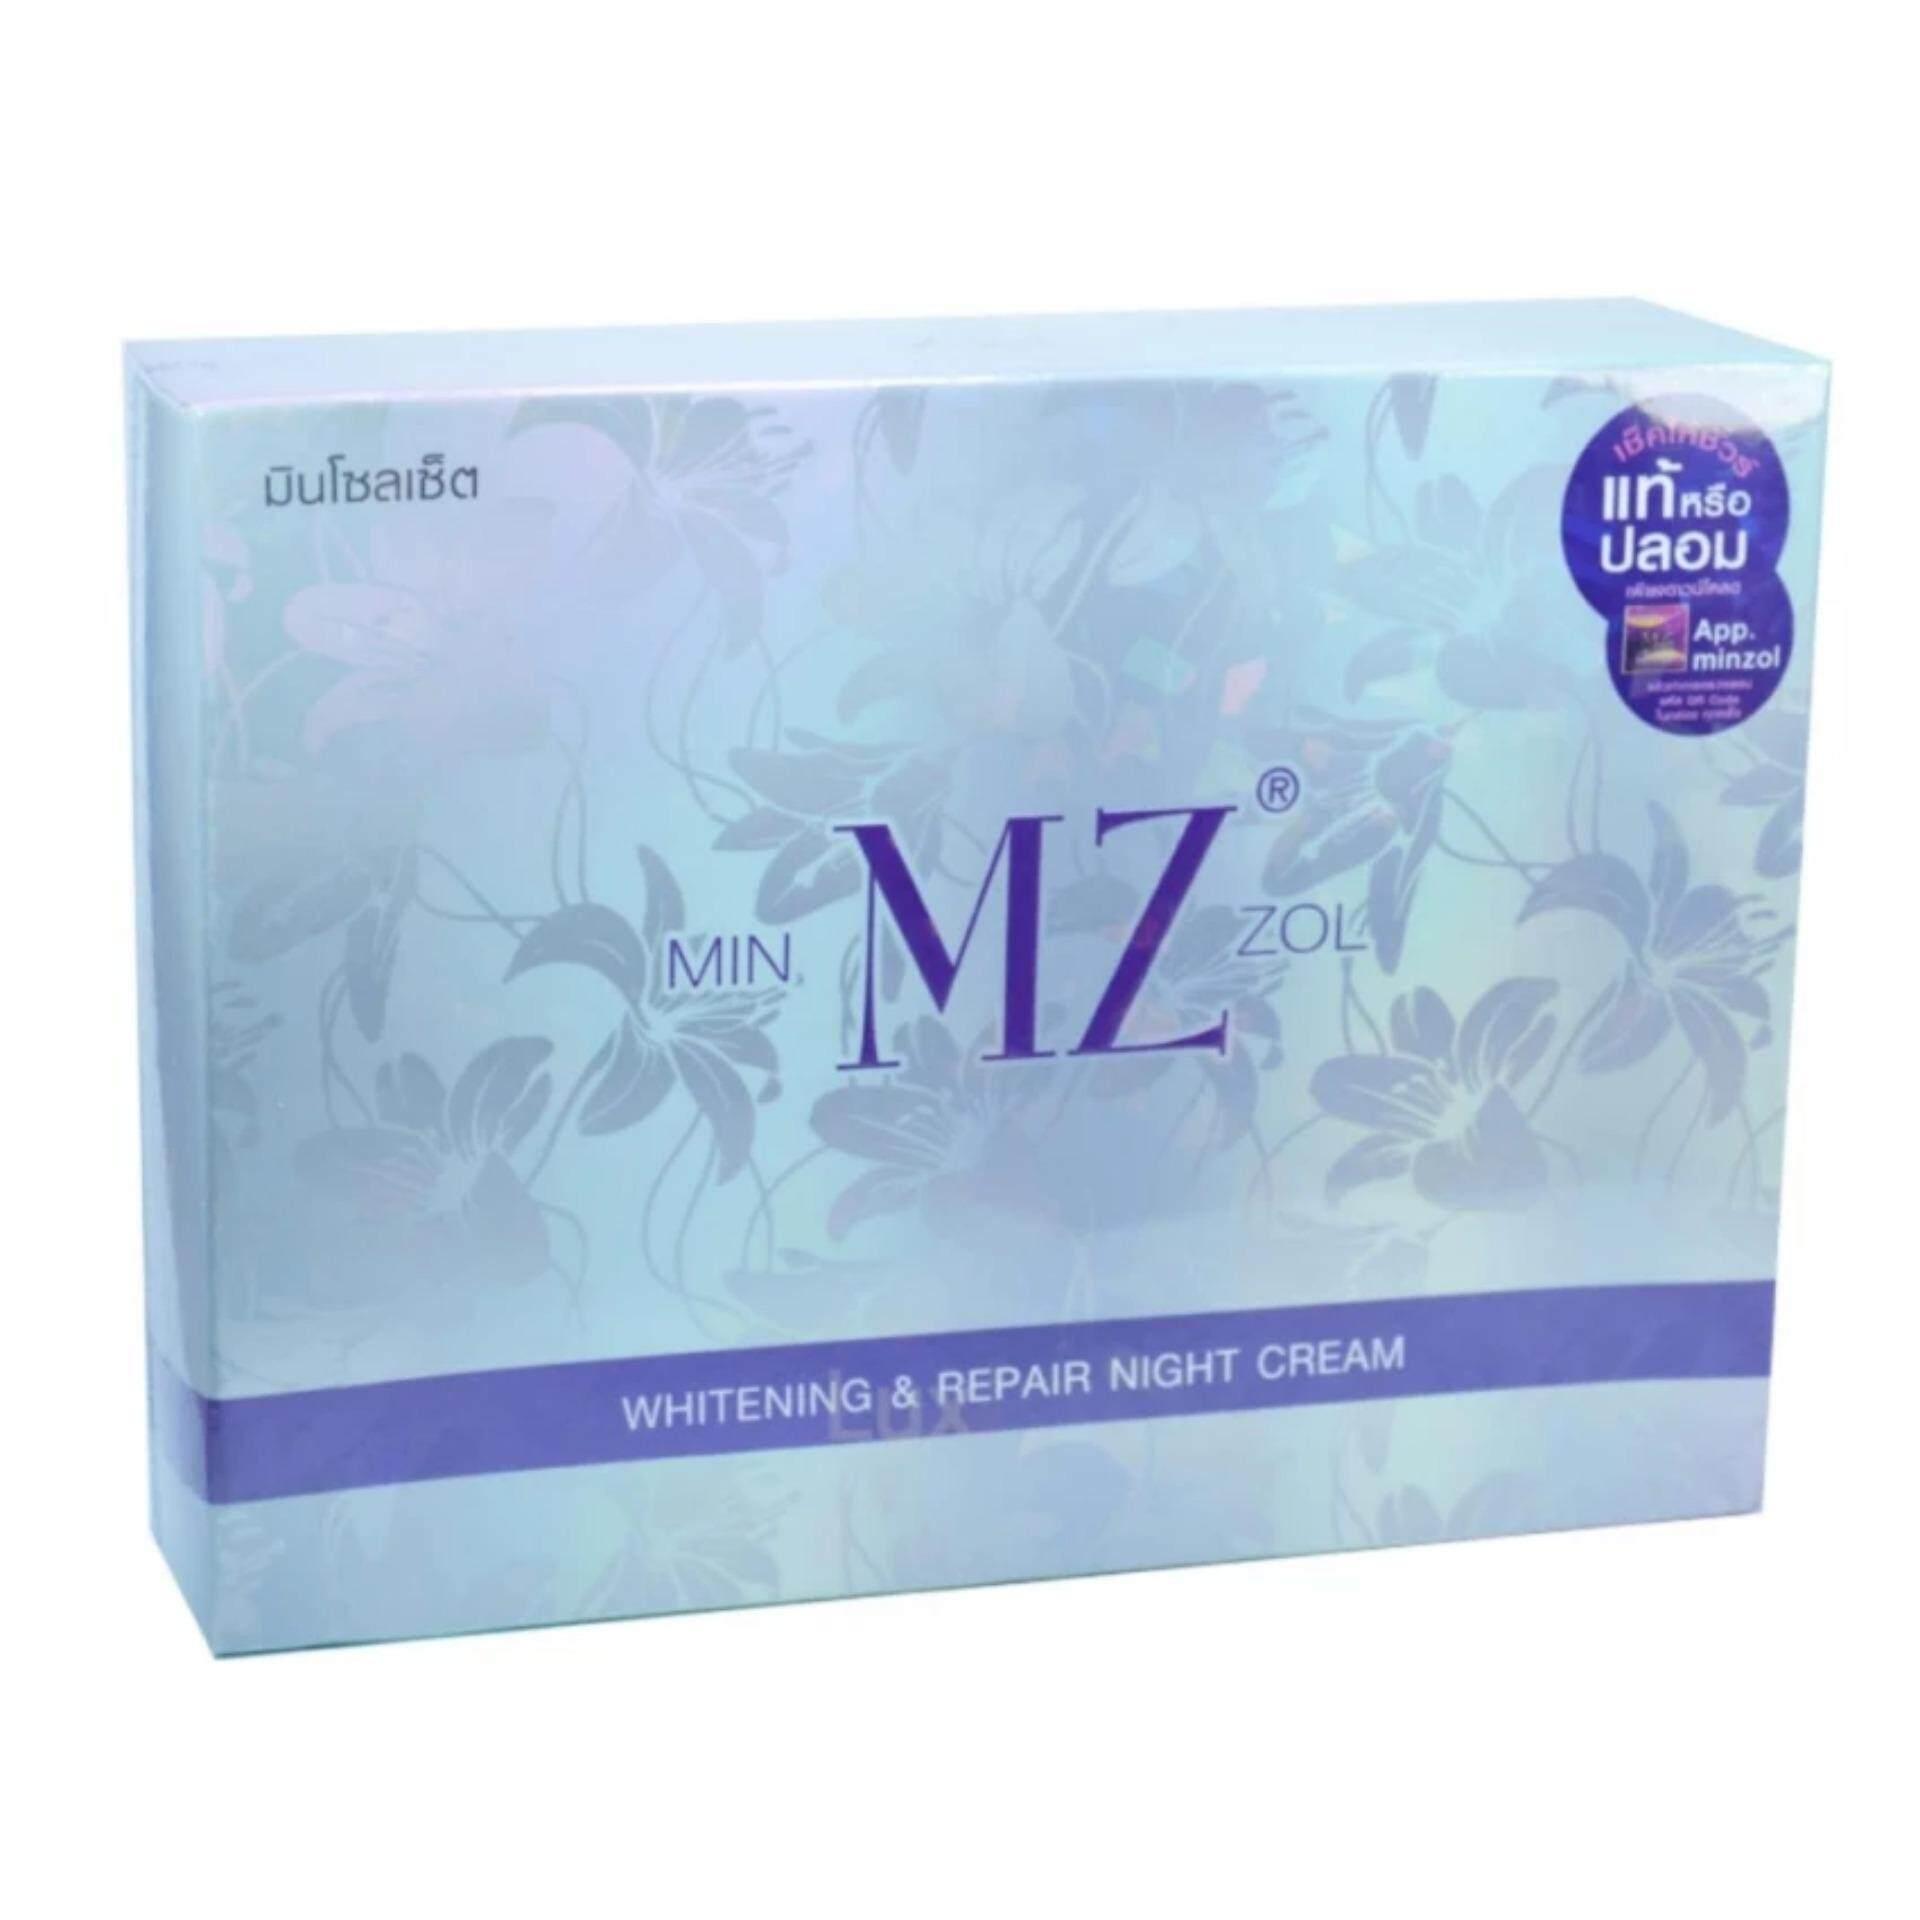 มาใหม่ MinZol ครีมมินโซว หน้าขาว กระจ่างใส ไร้สิว (ของแท้100%) หน้าขาวใสเป็นธรรมชาติ